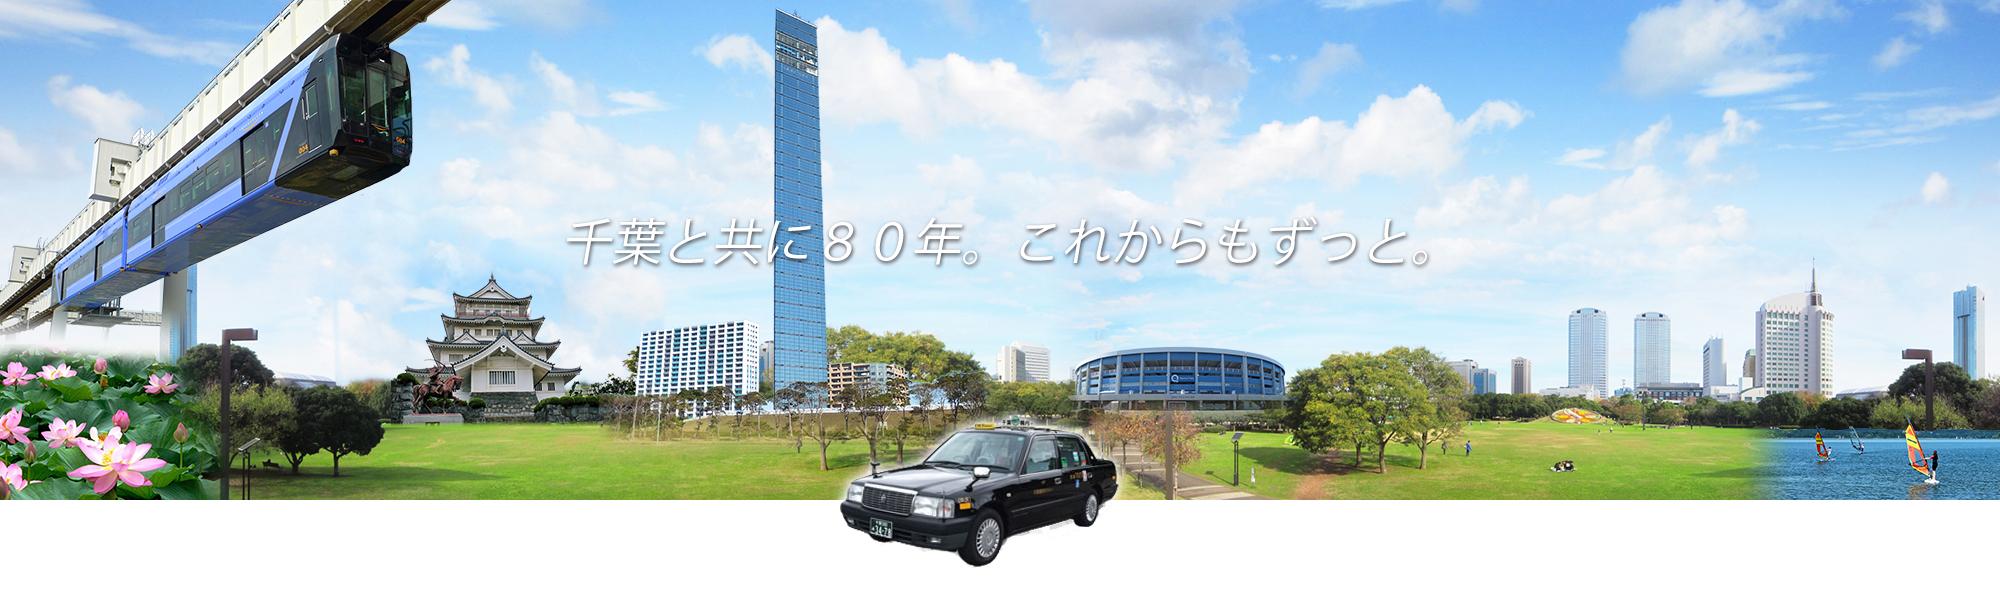 千葉構内タクシーグループ